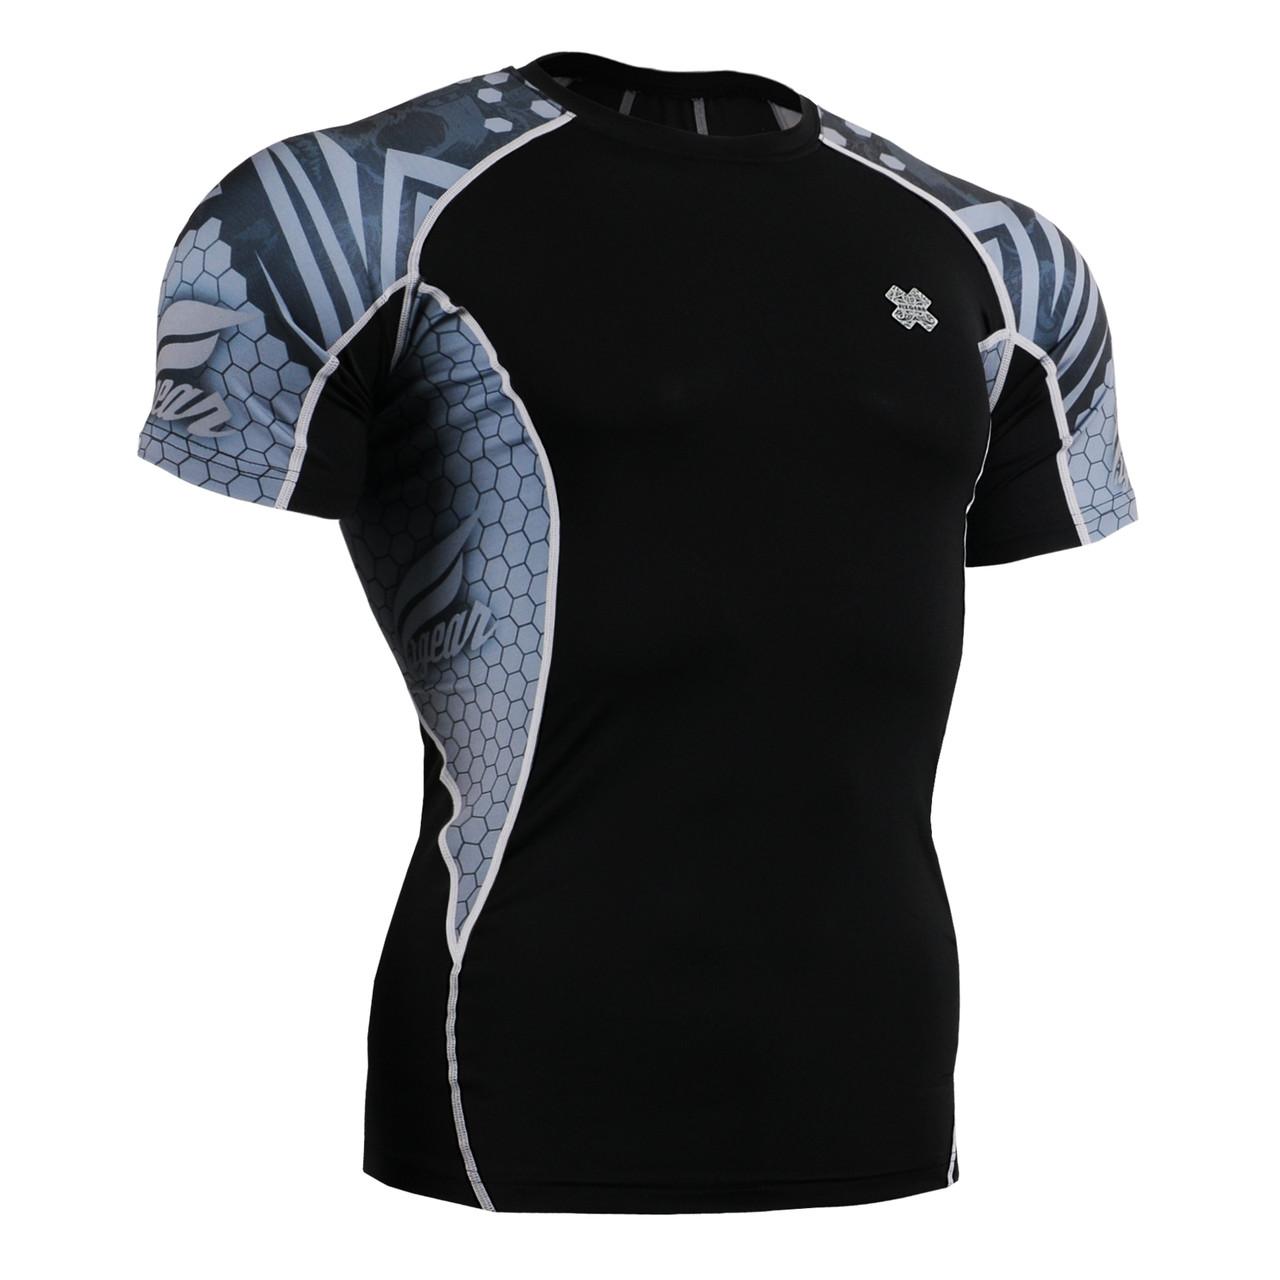 Компрессионная футболка рашгард Fixgear C2S-B41